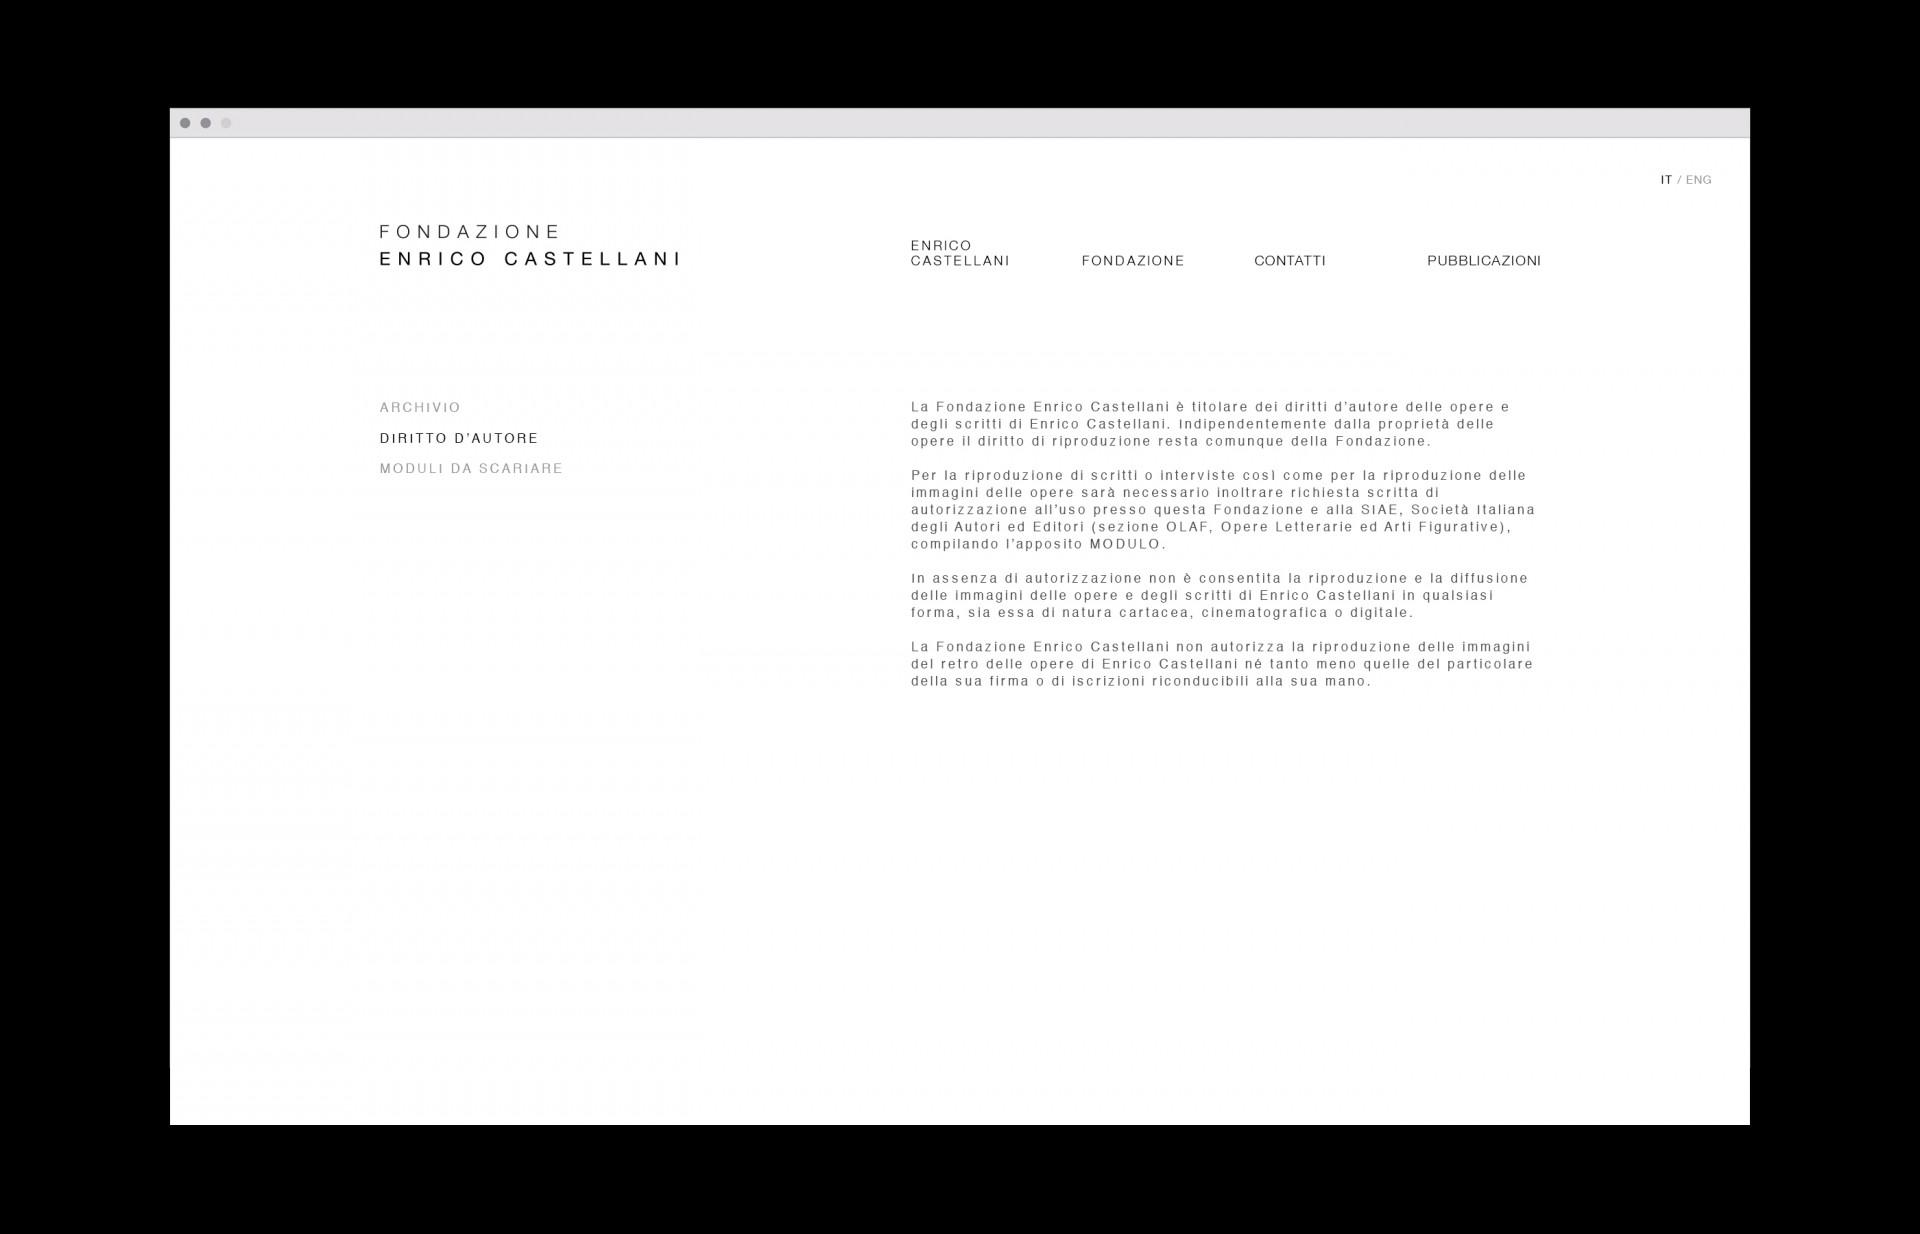 BS Fondazione Enrico Castellani